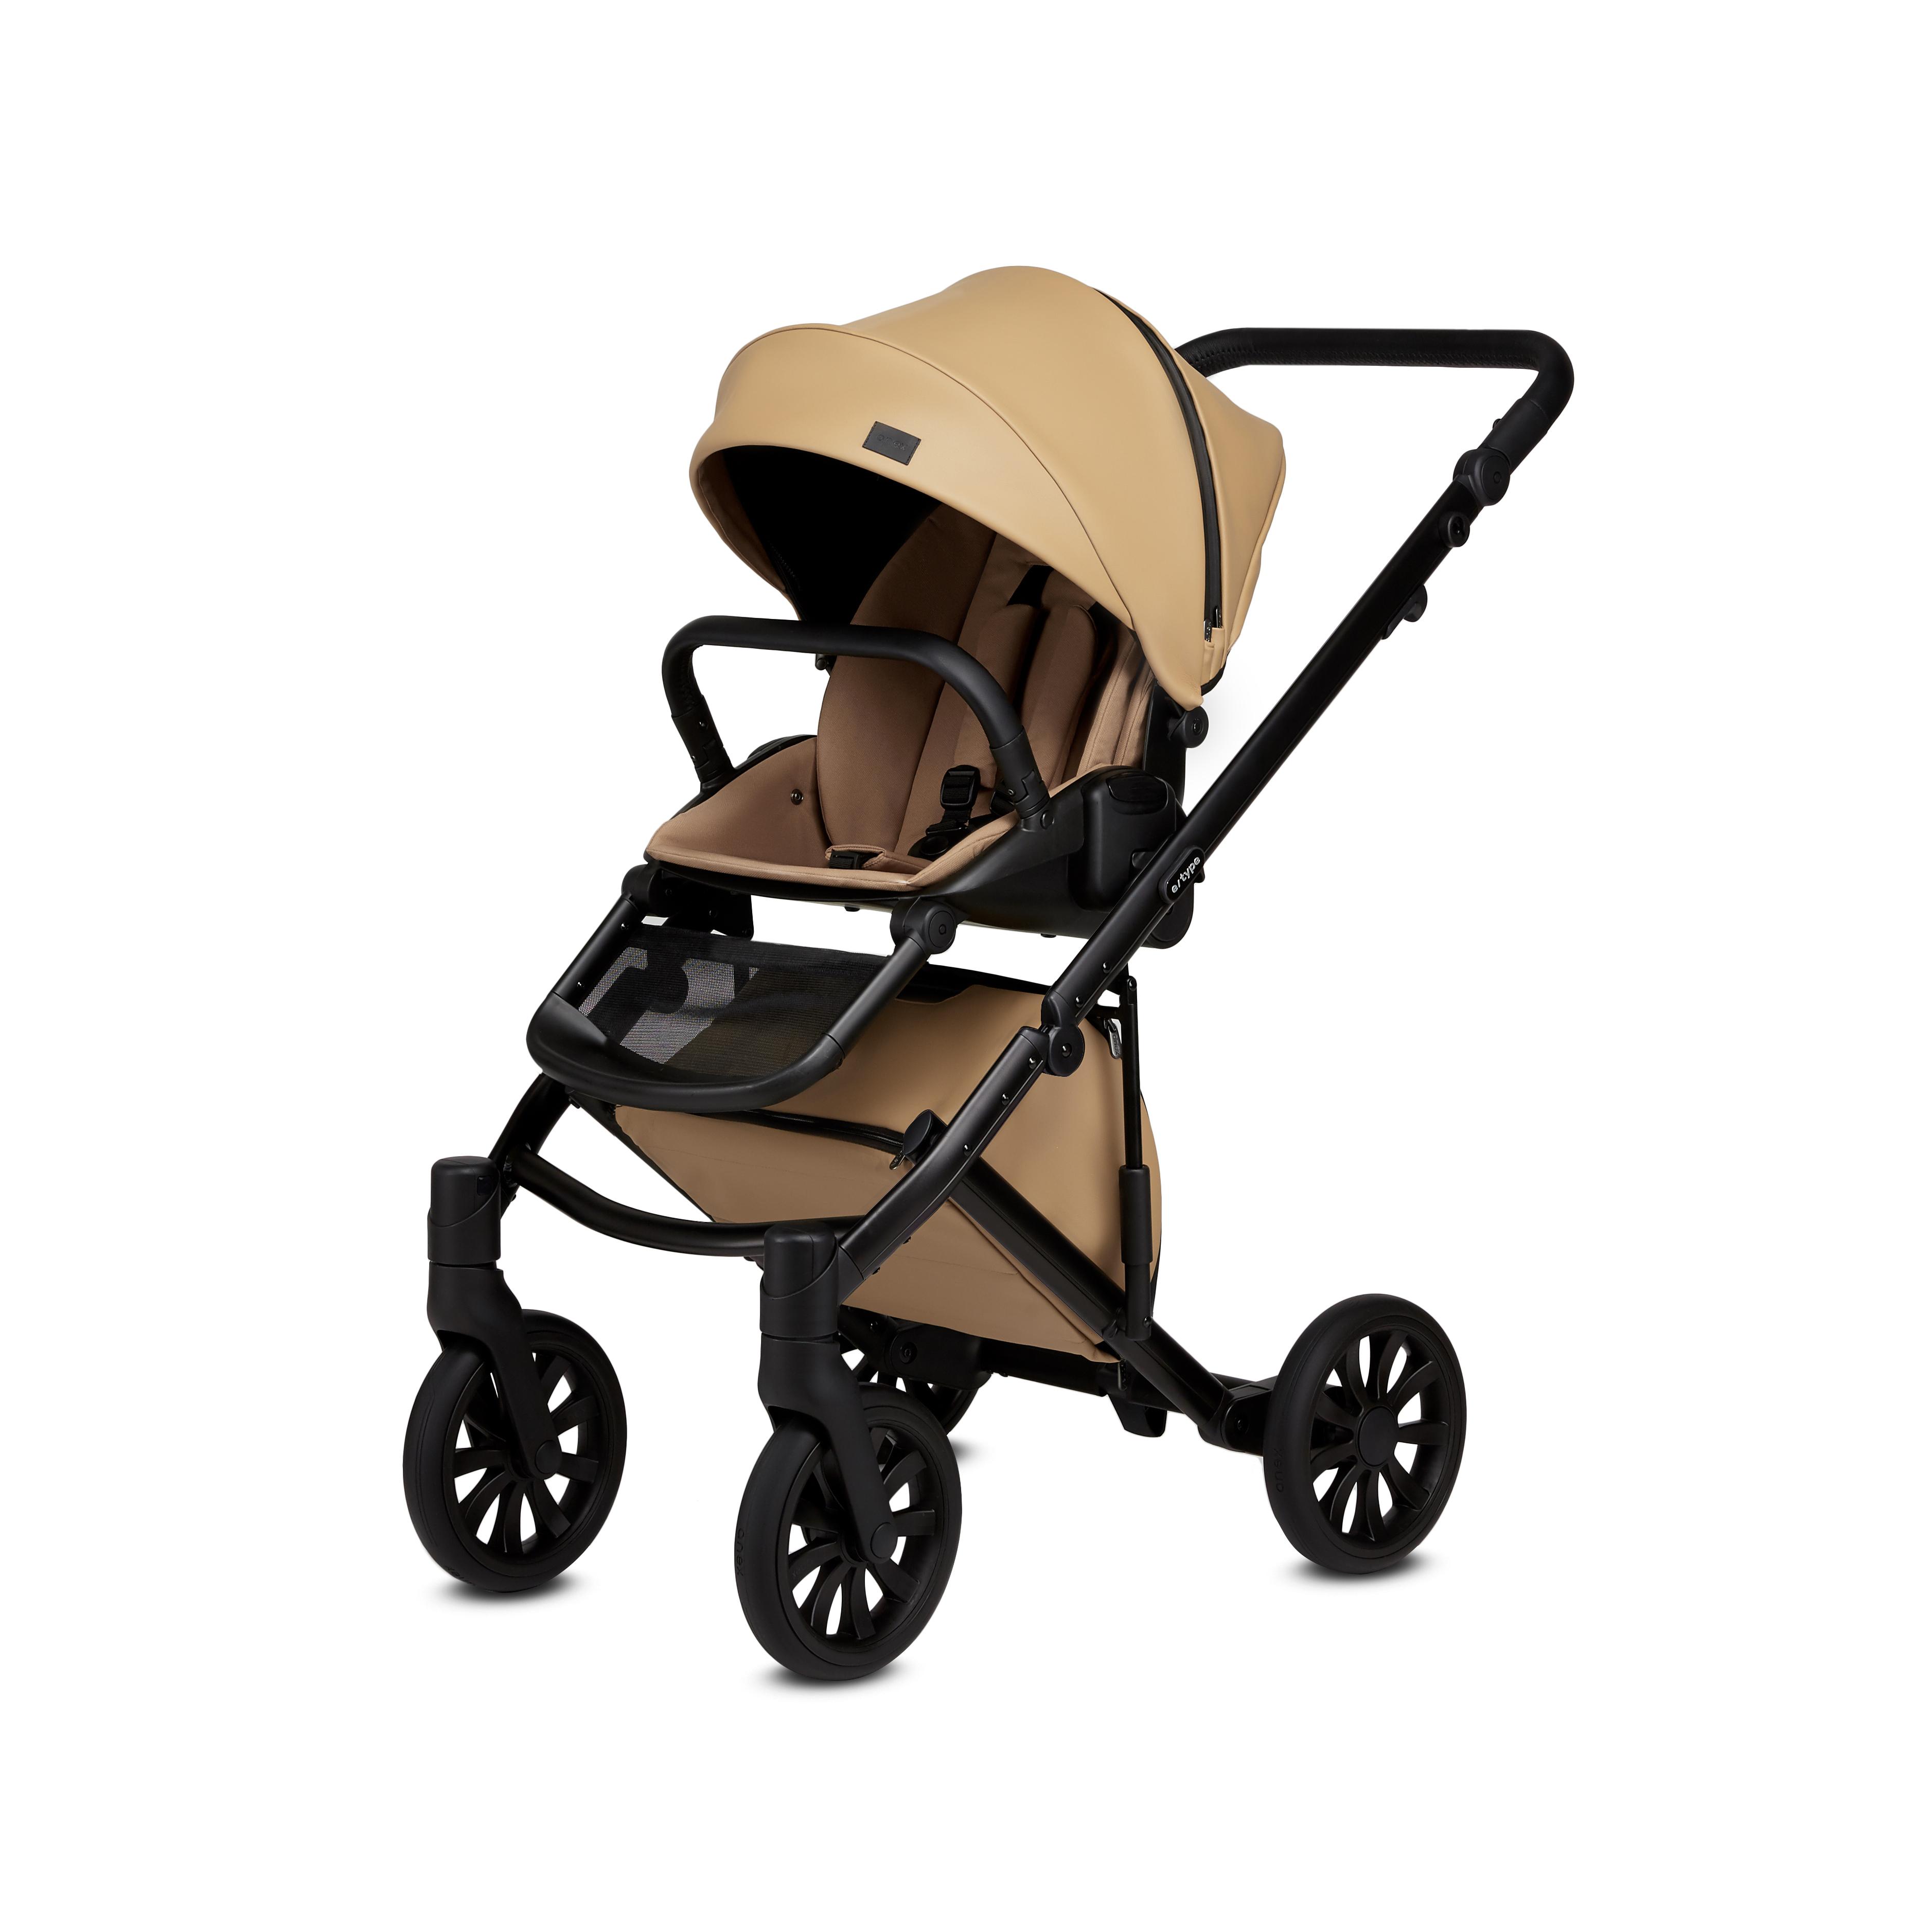 Anax Baby E Type Stroller Caramel